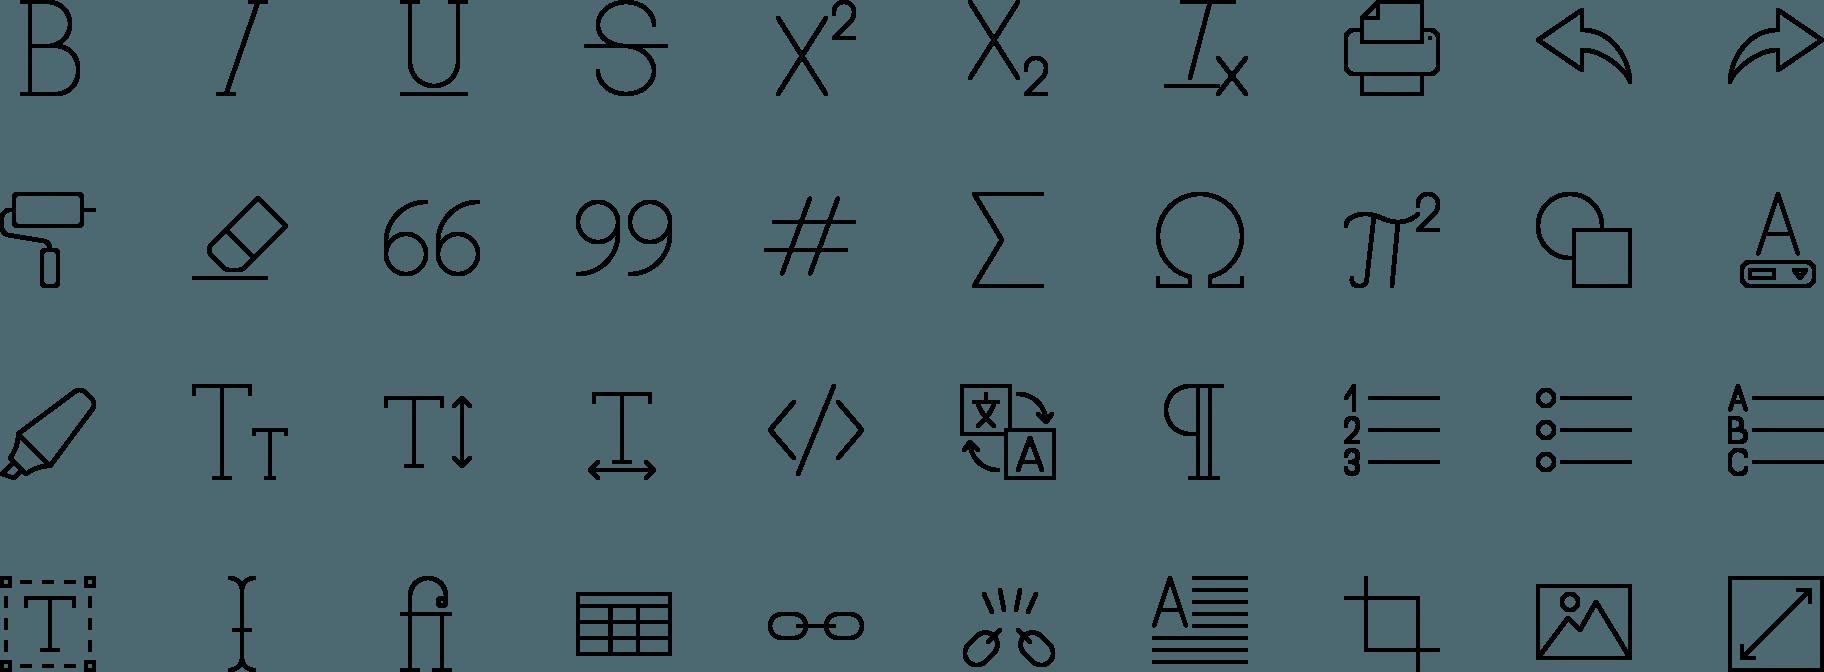 icon Text Editor